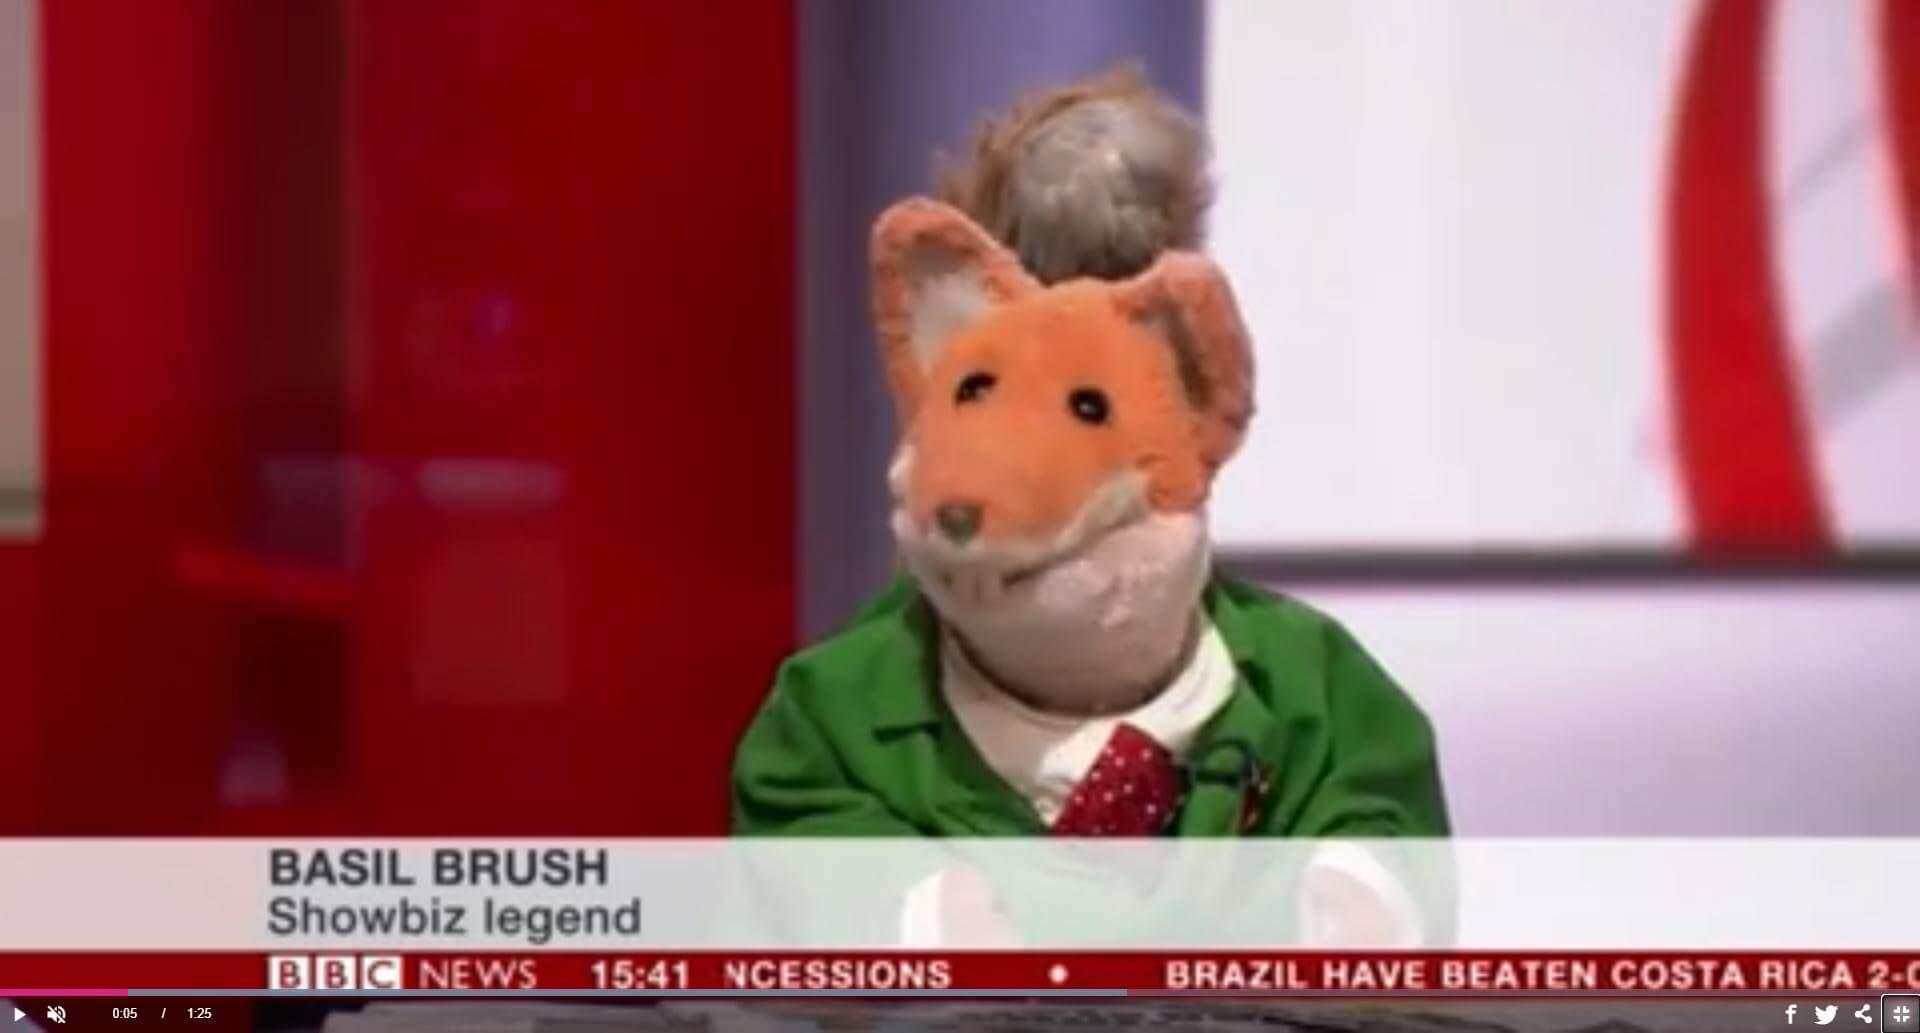 Basil Brush